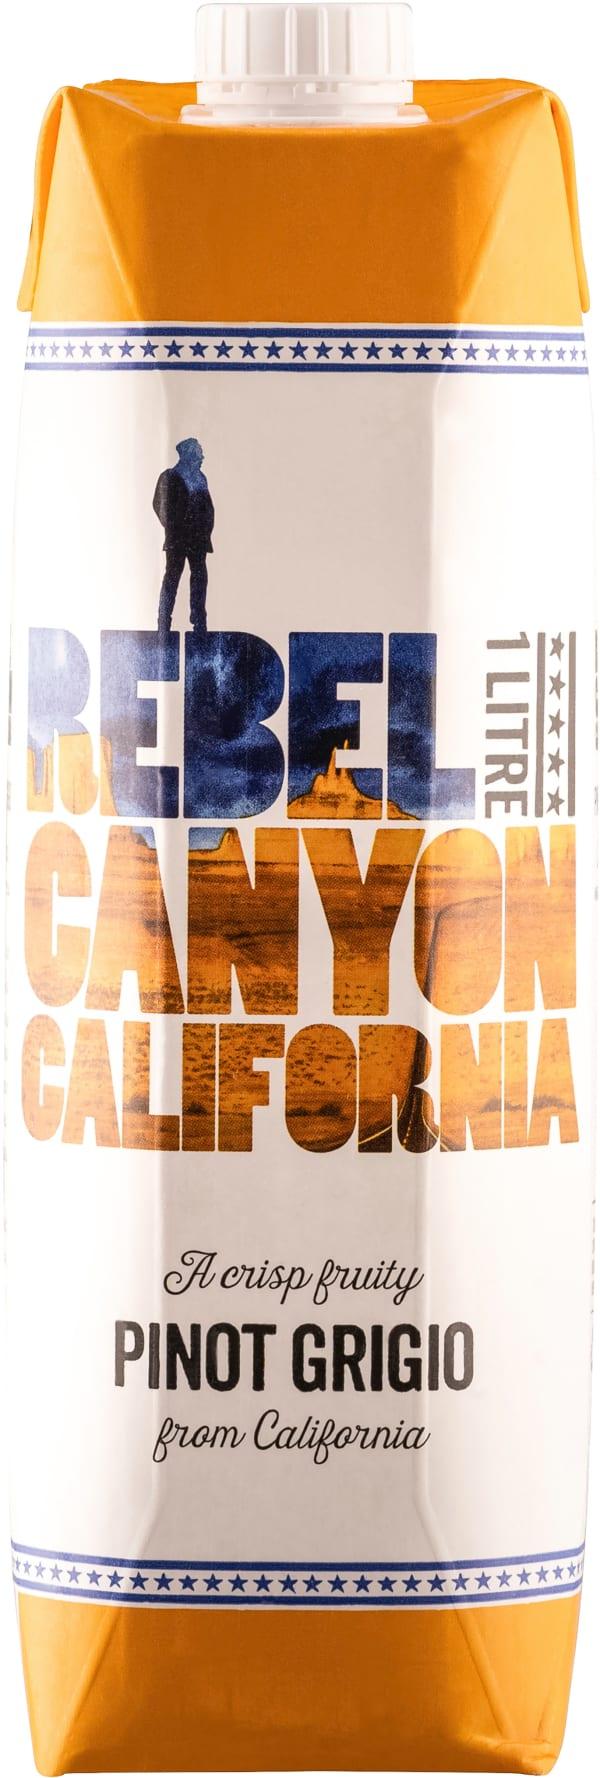 Rebel Canyon California carton package